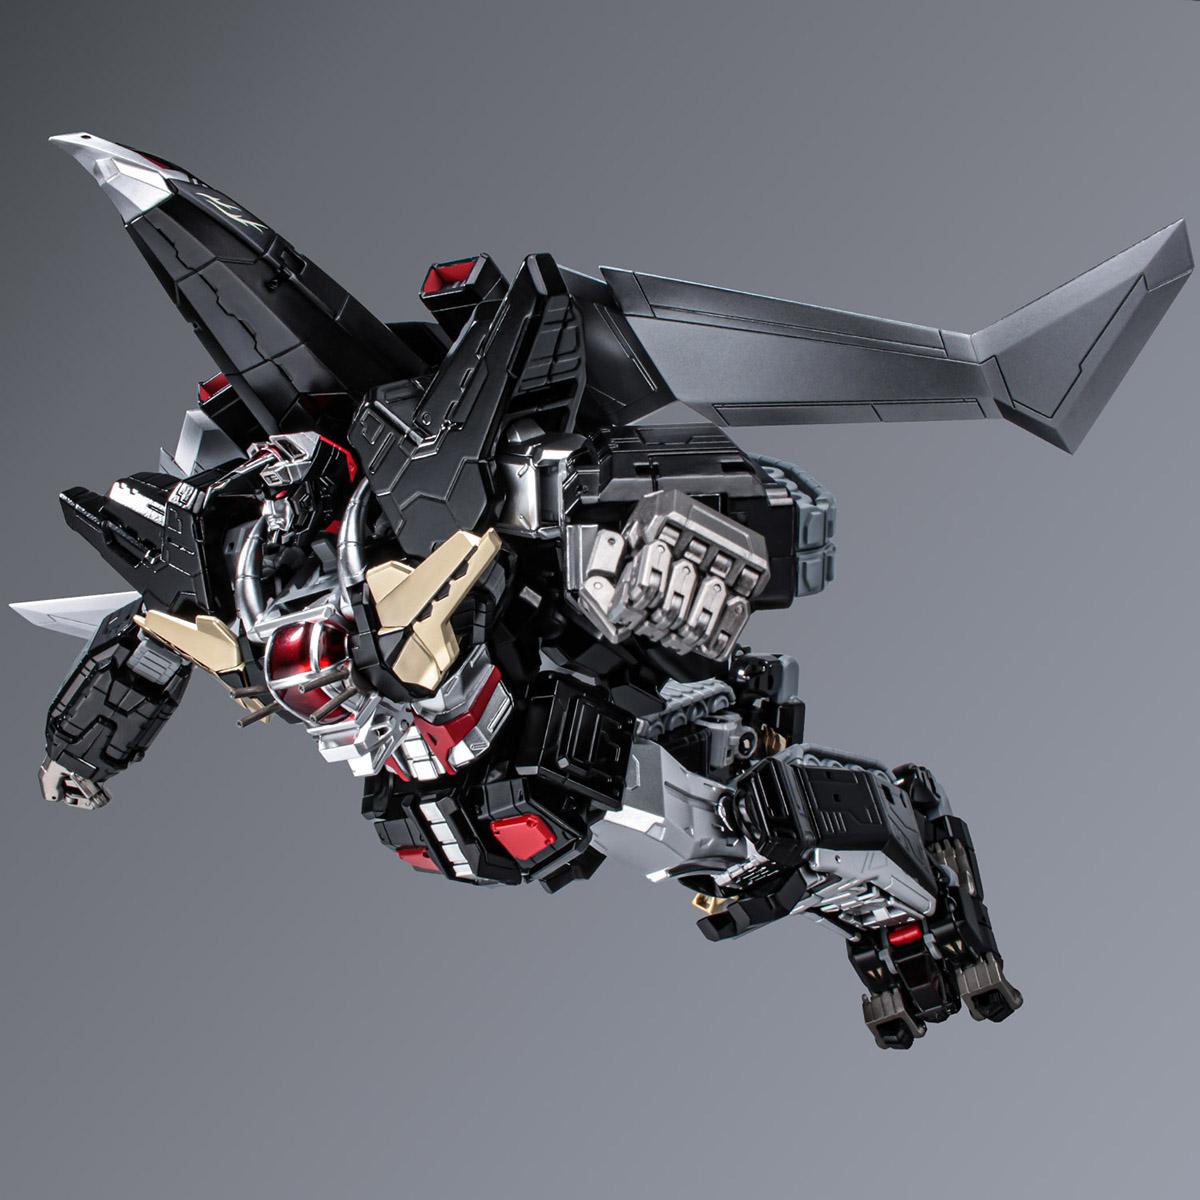 """METAMOR-FORCE """"BARI""""ATION『ファイナルダンクーガ』超獣機神ダンクーガ 可動フィギュア-003"""